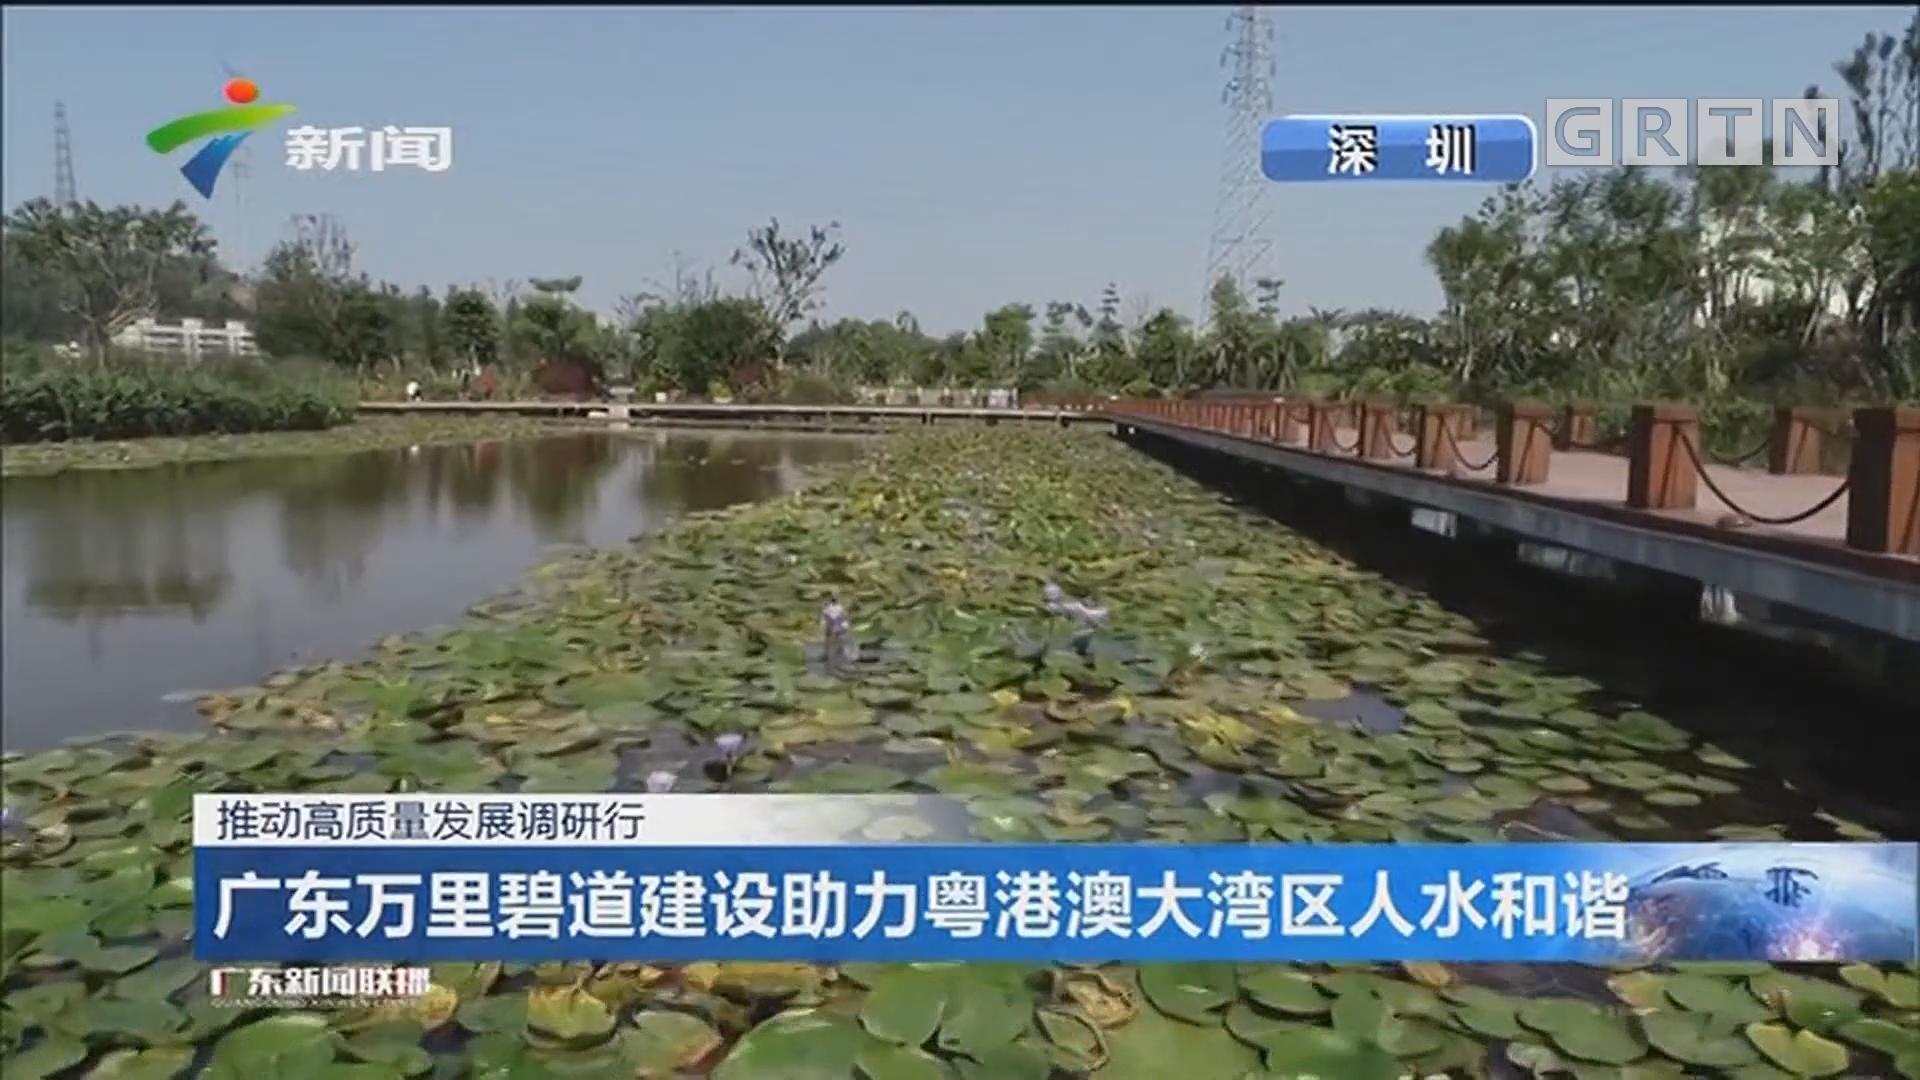 广东万里碧道建设助力粤港澳大湾区人水和谐